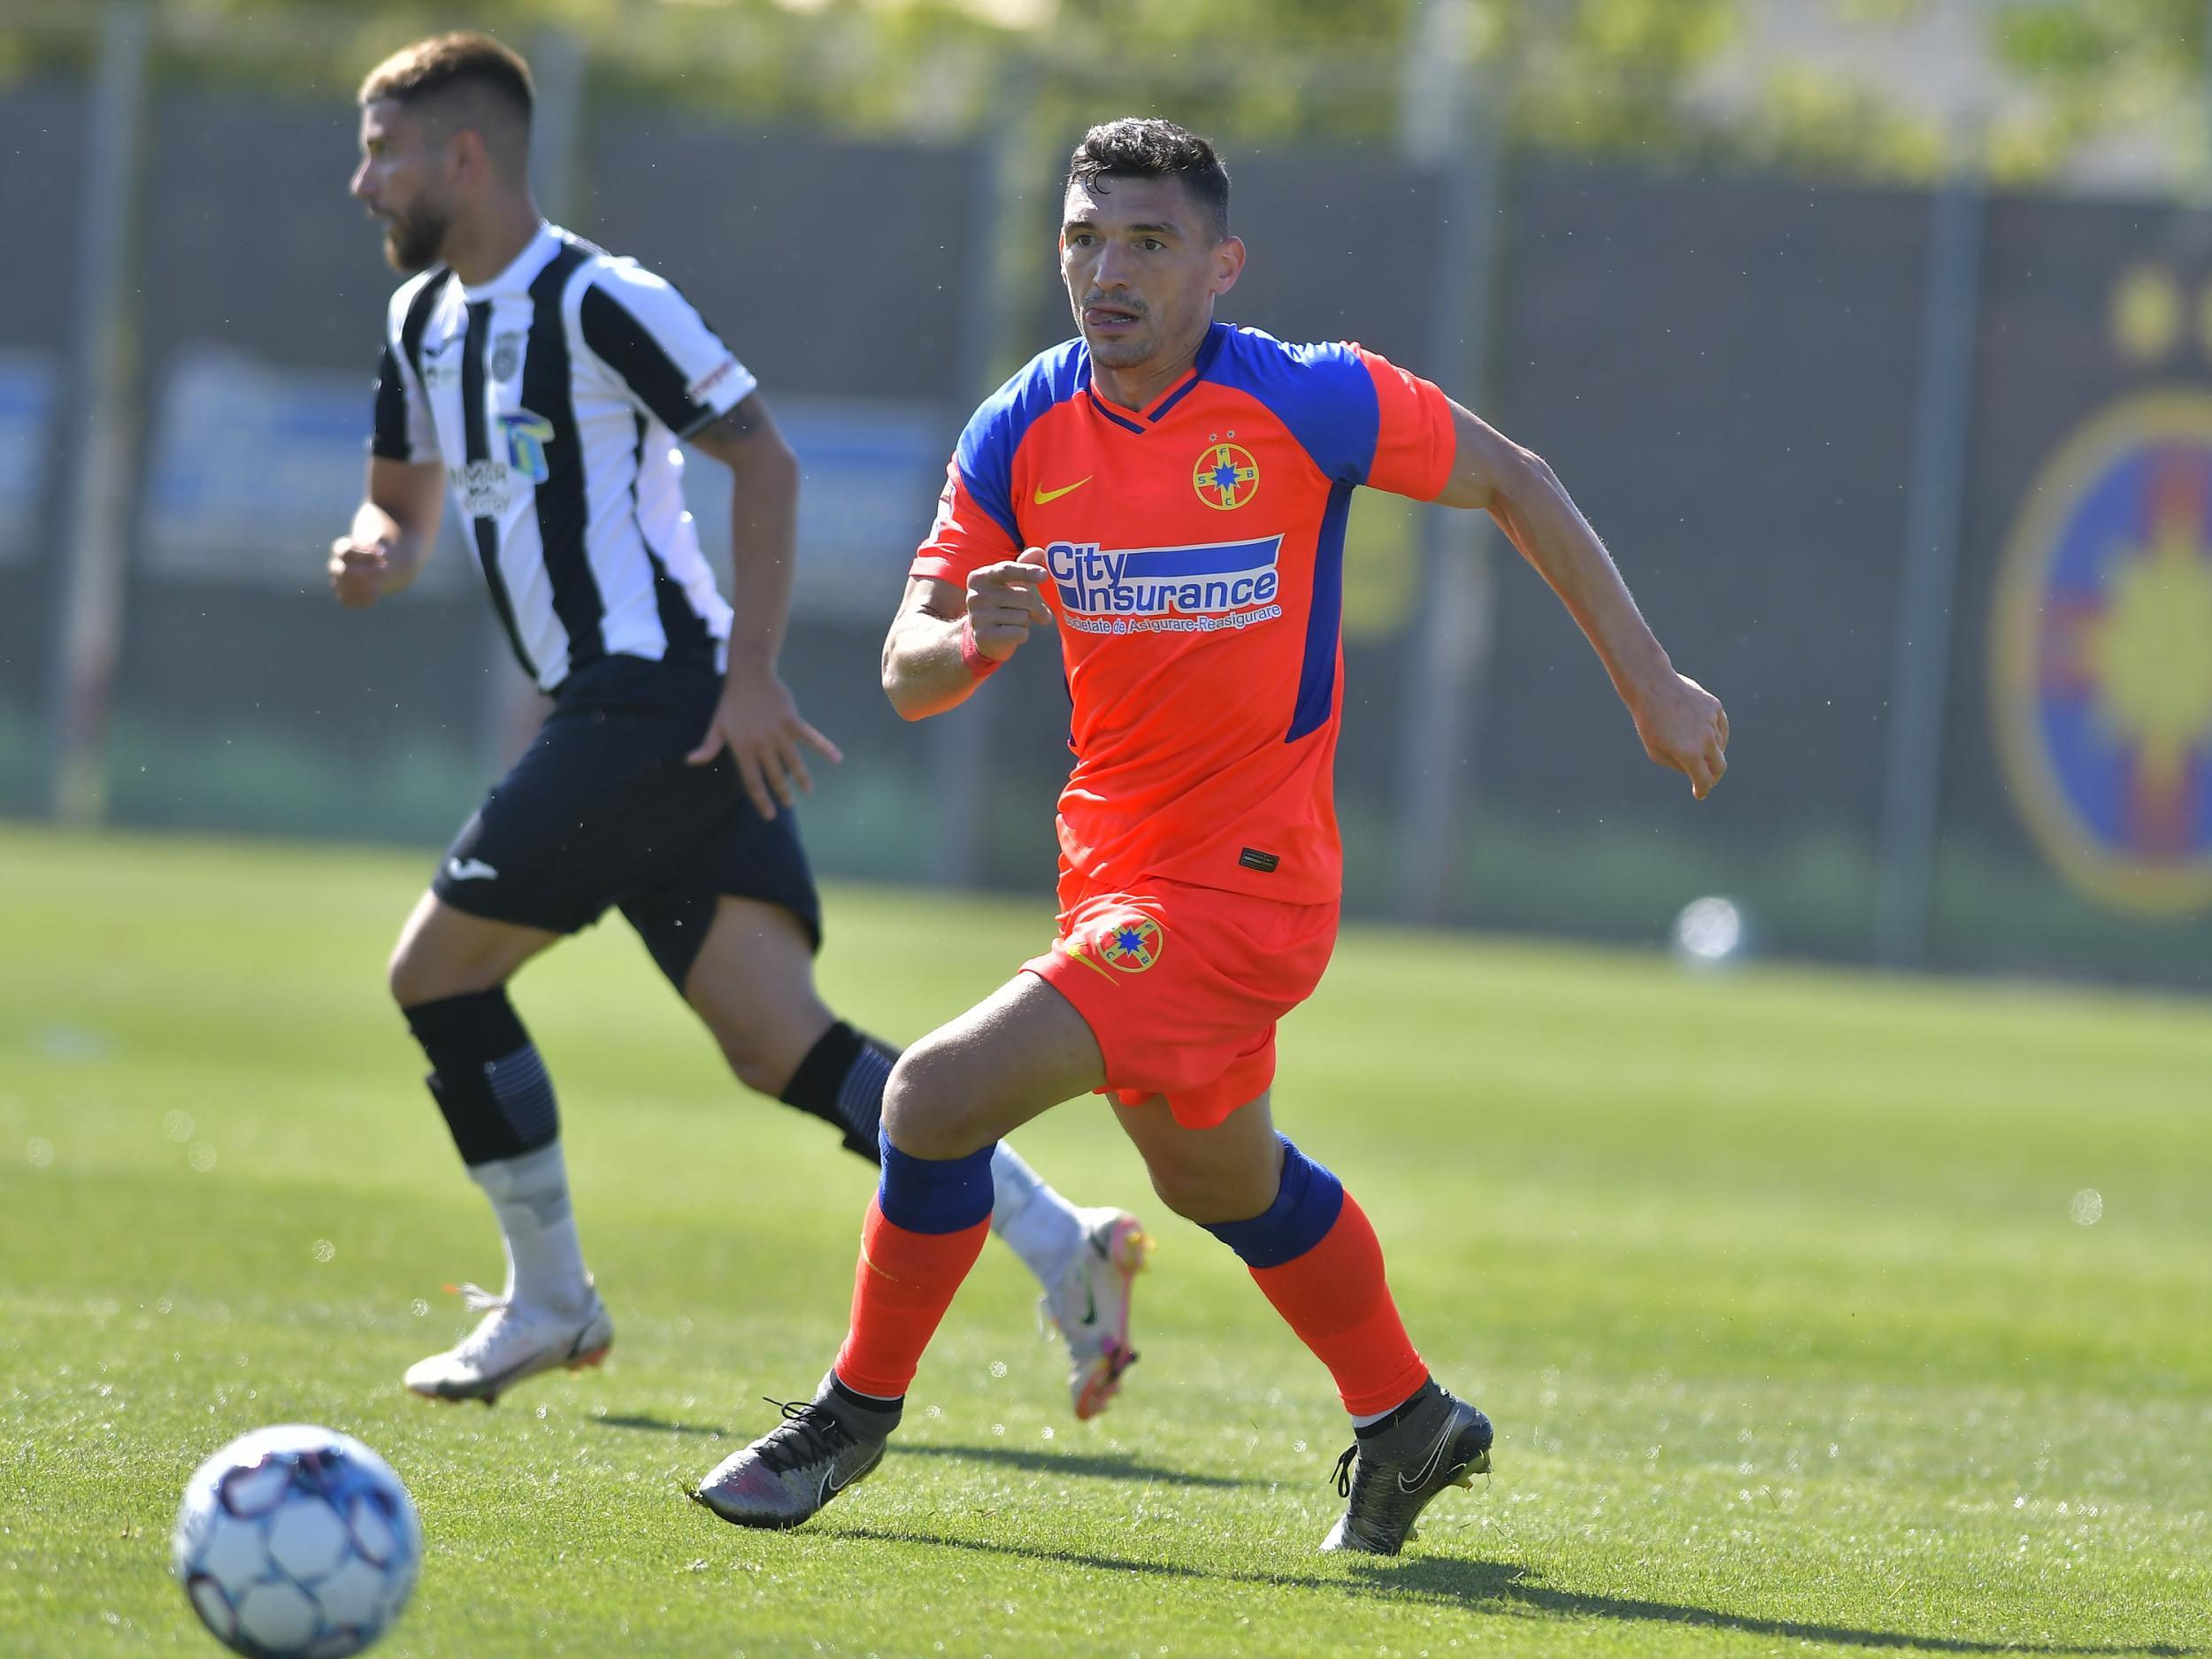 Gheorghe și Keșerü, goluri la debut!>